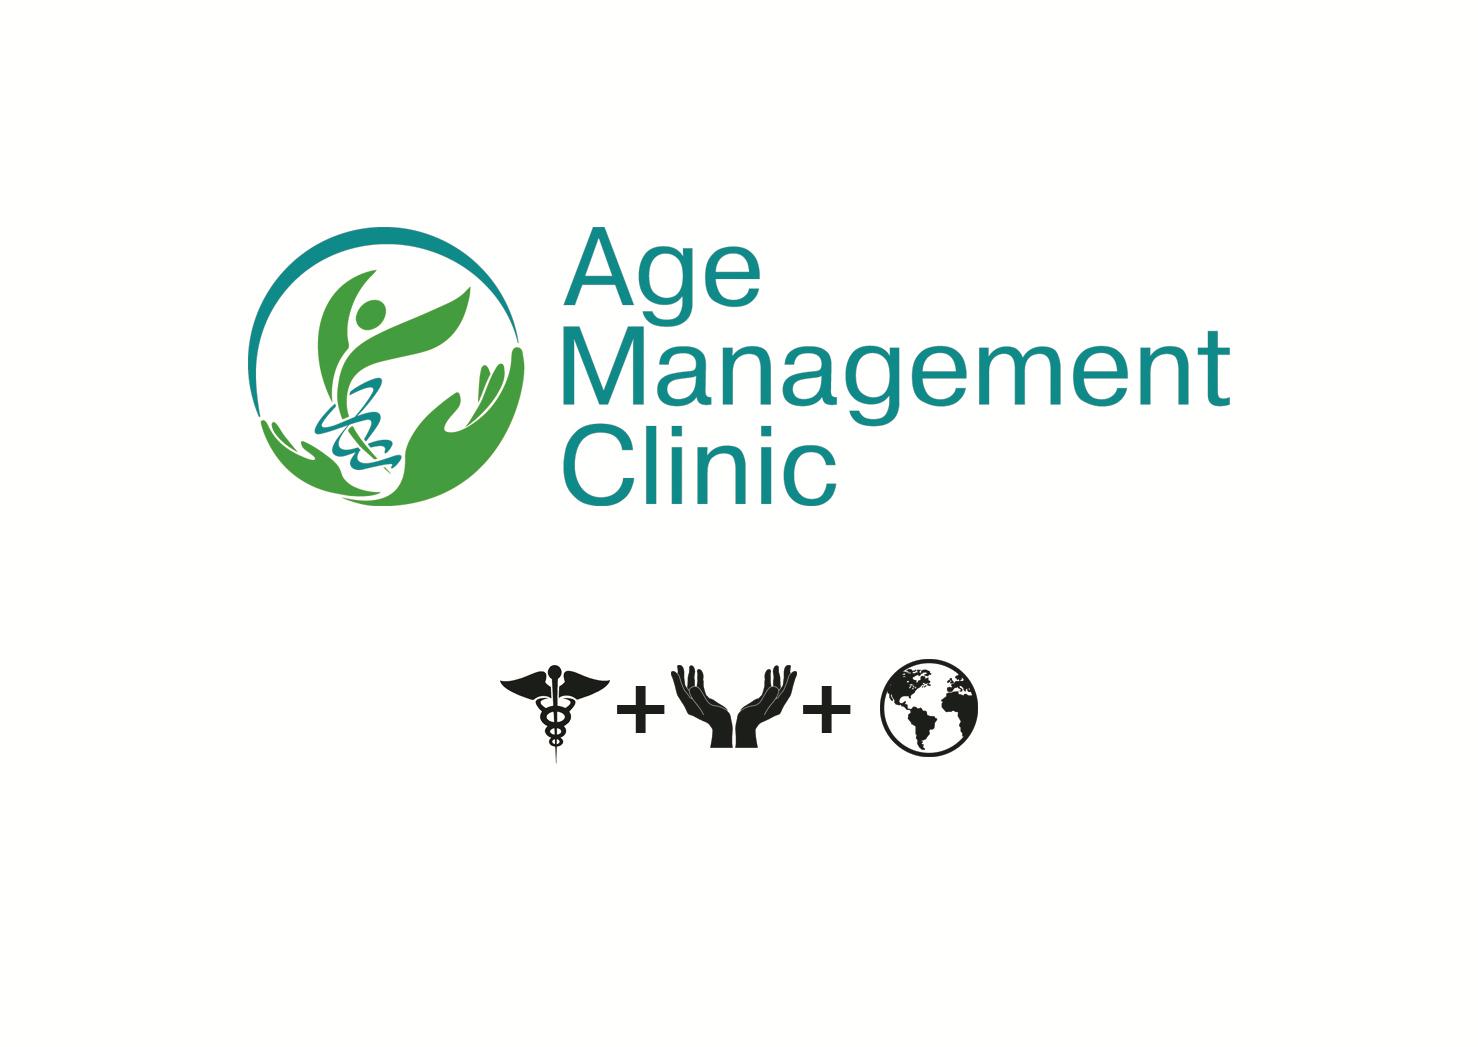 Логотип для медицинского центра (клиники)  фото f_2215b97e6f369a95.png